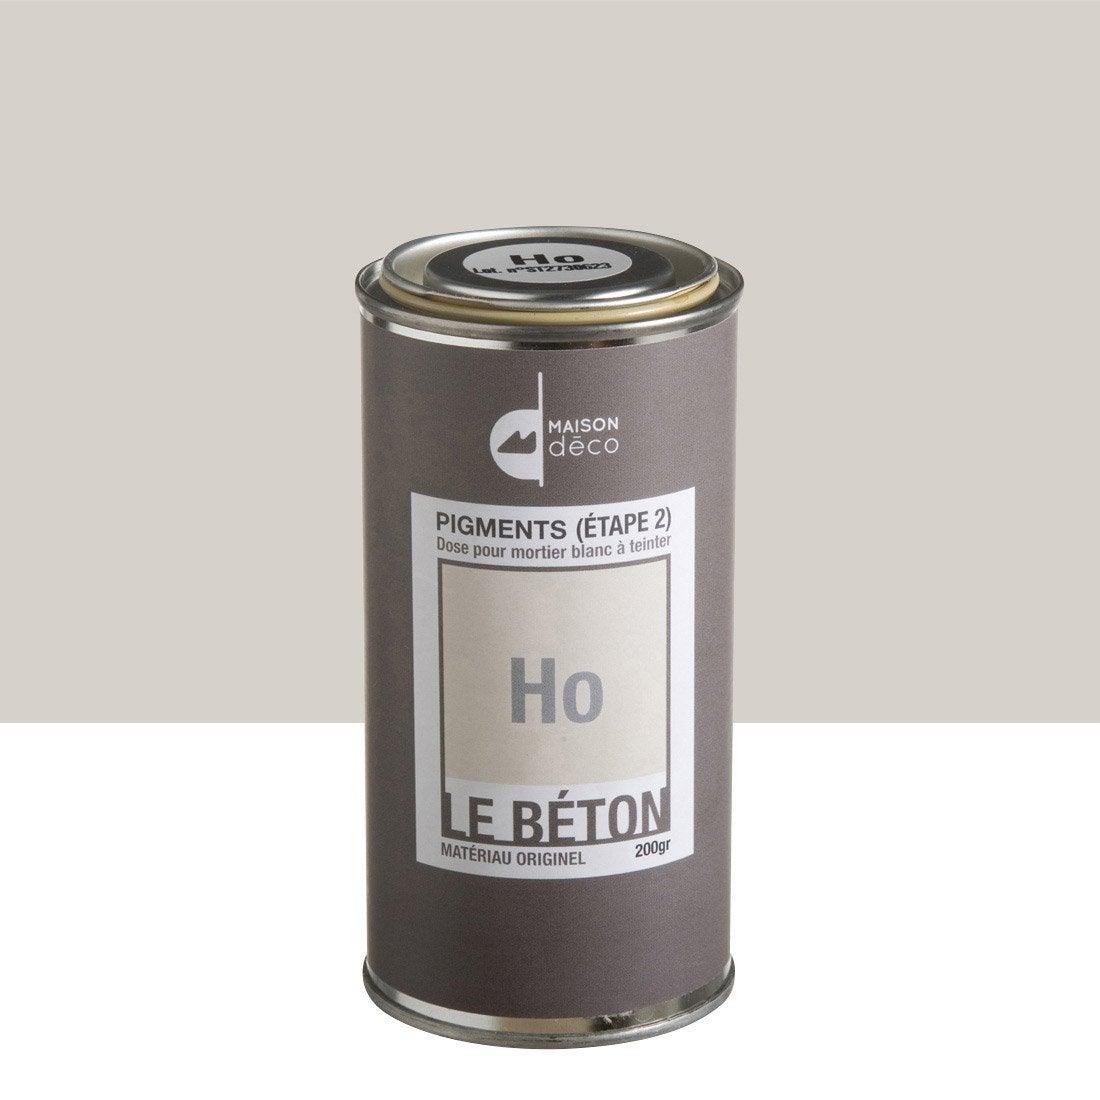 peinture effet pigment le b ton maison deco ho 0 2 kg leroy merlin. Black Bedroom Furniture Sets. Home Design Ideas